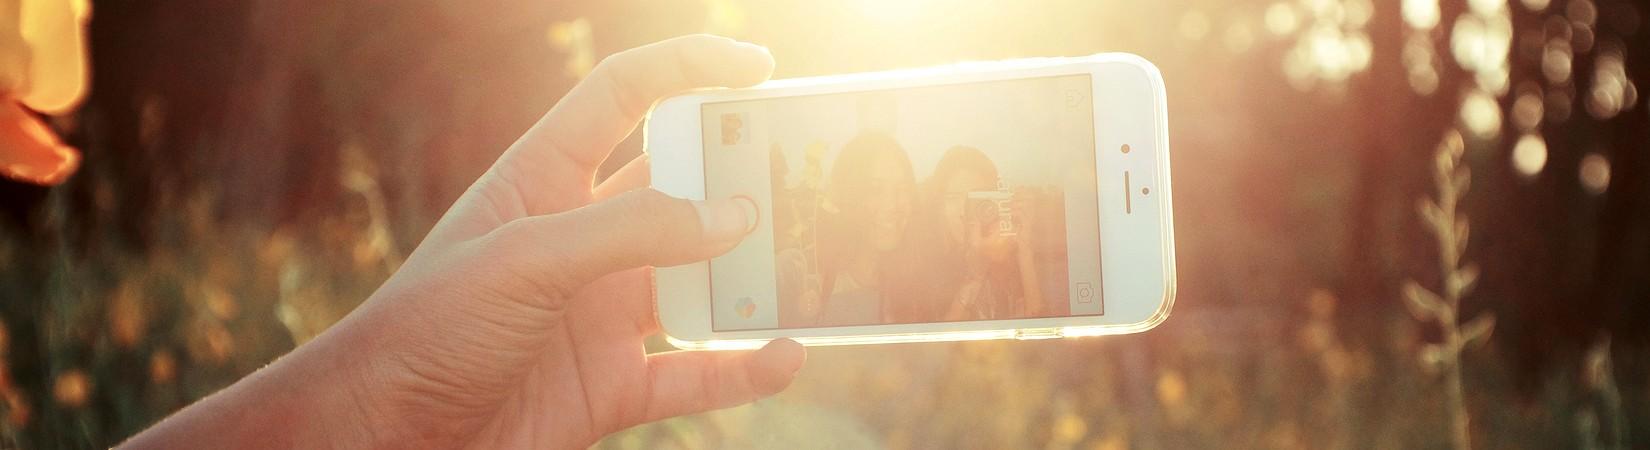 Los 20 mejores smartphones del mundo